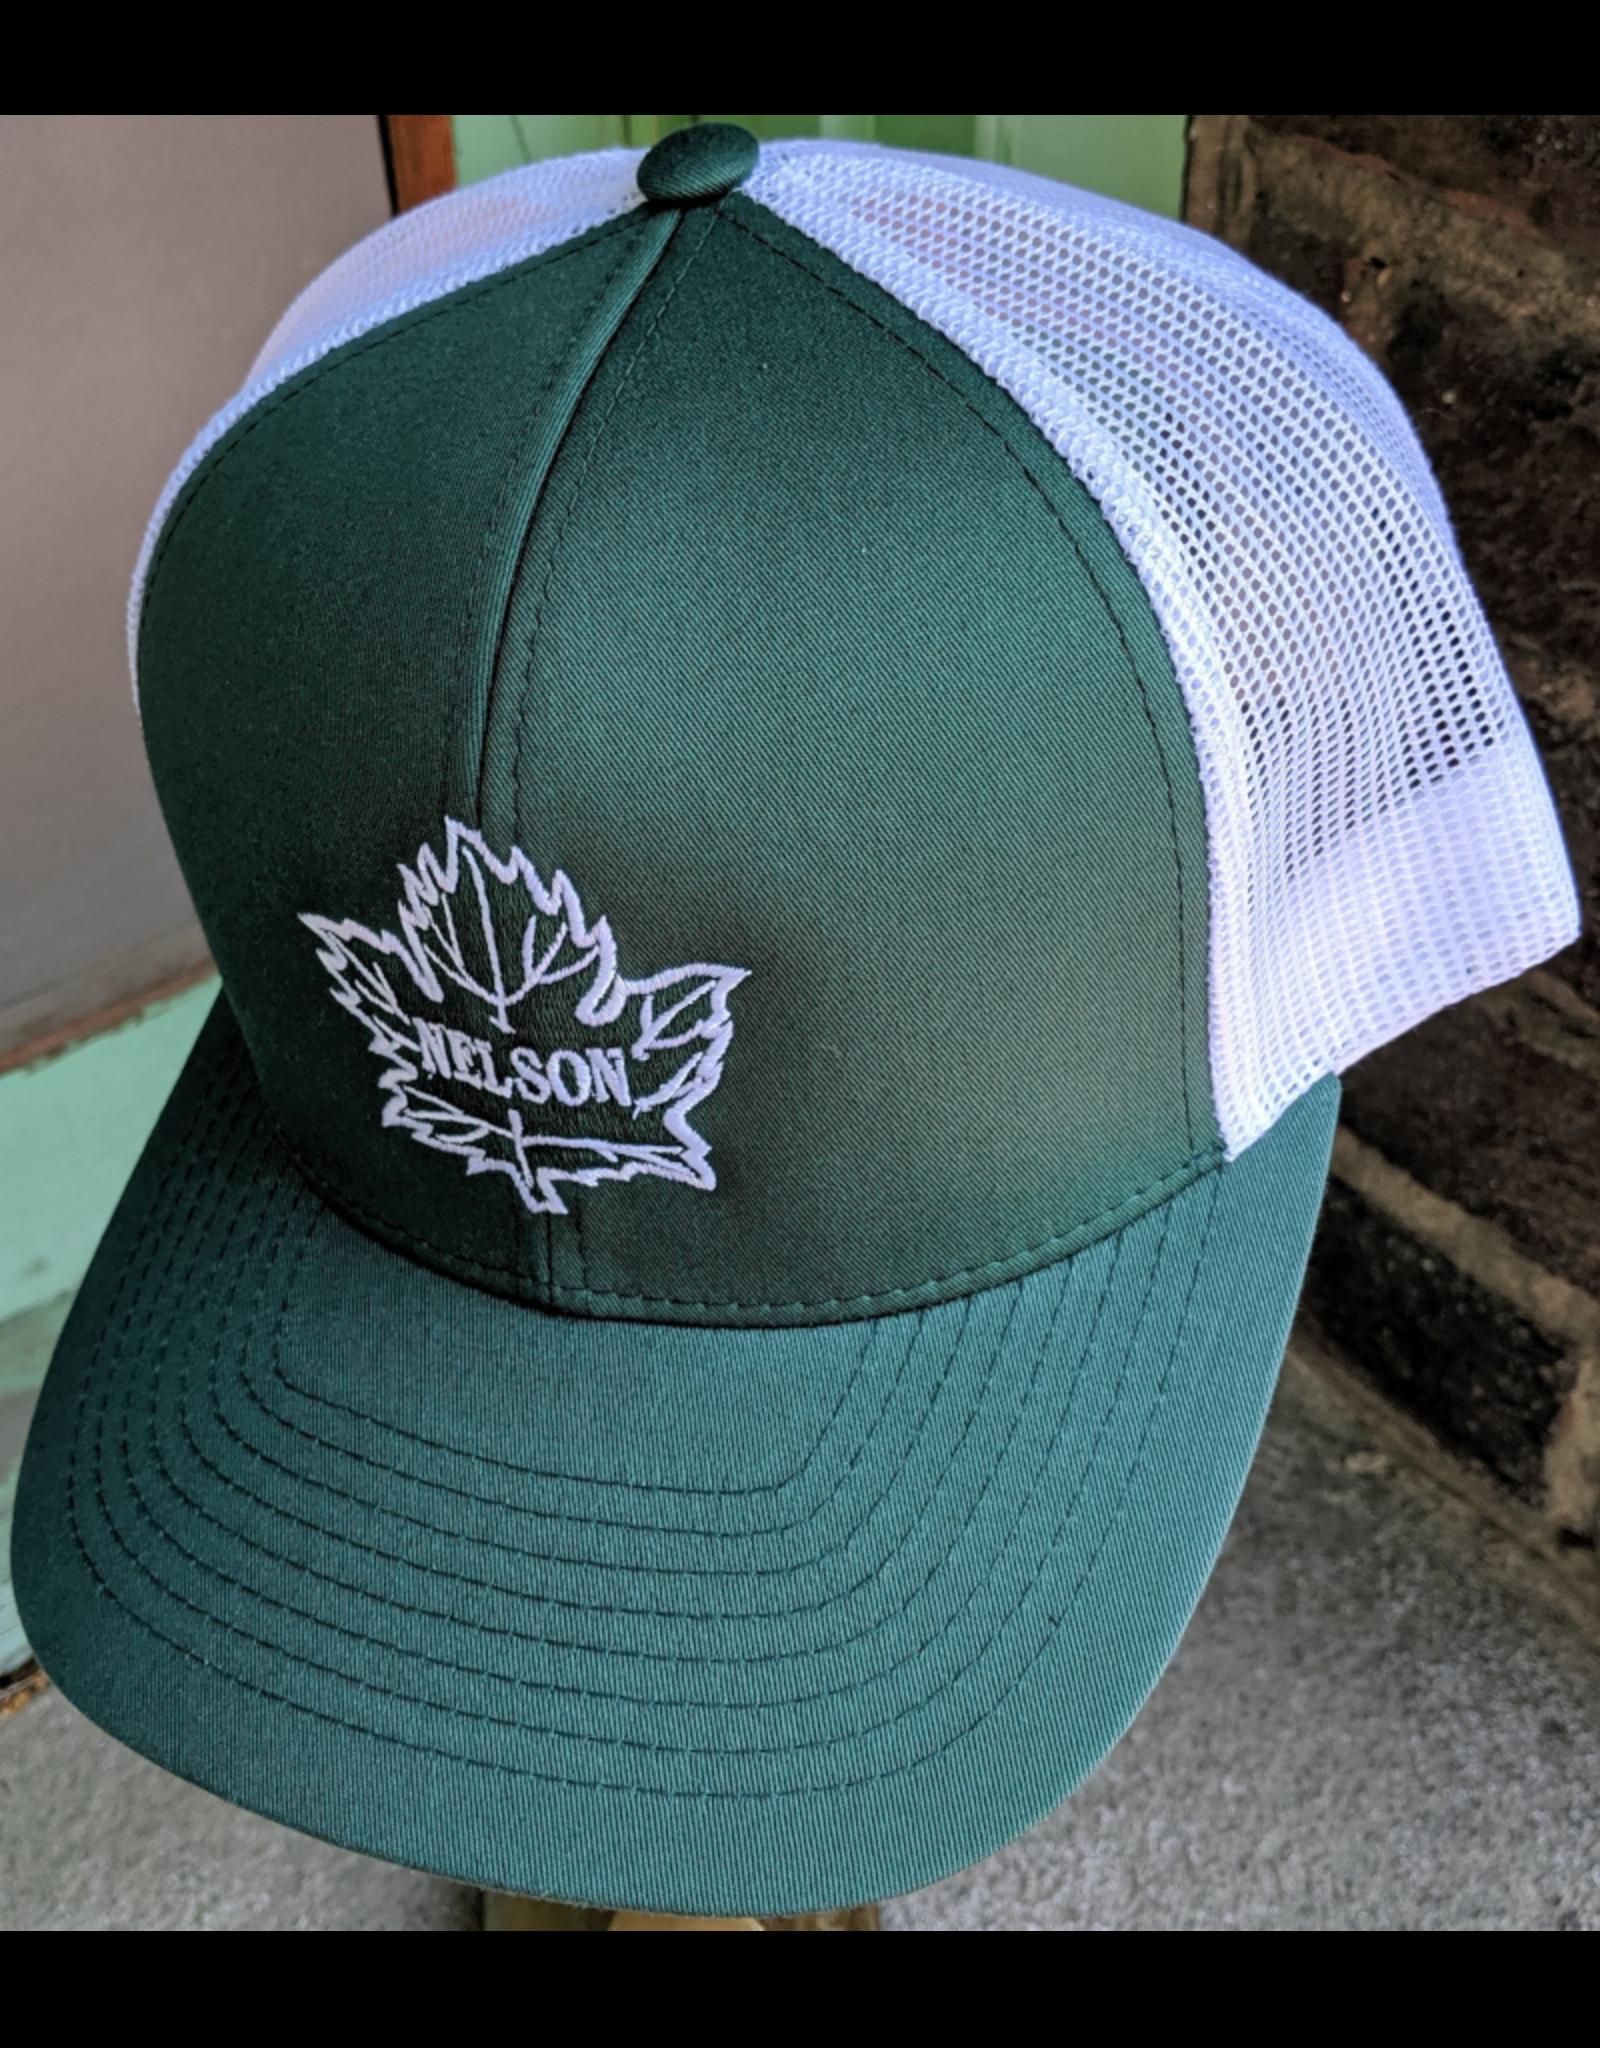 Pacific Headwear Nelson Leafs Retro Mesh Trucker